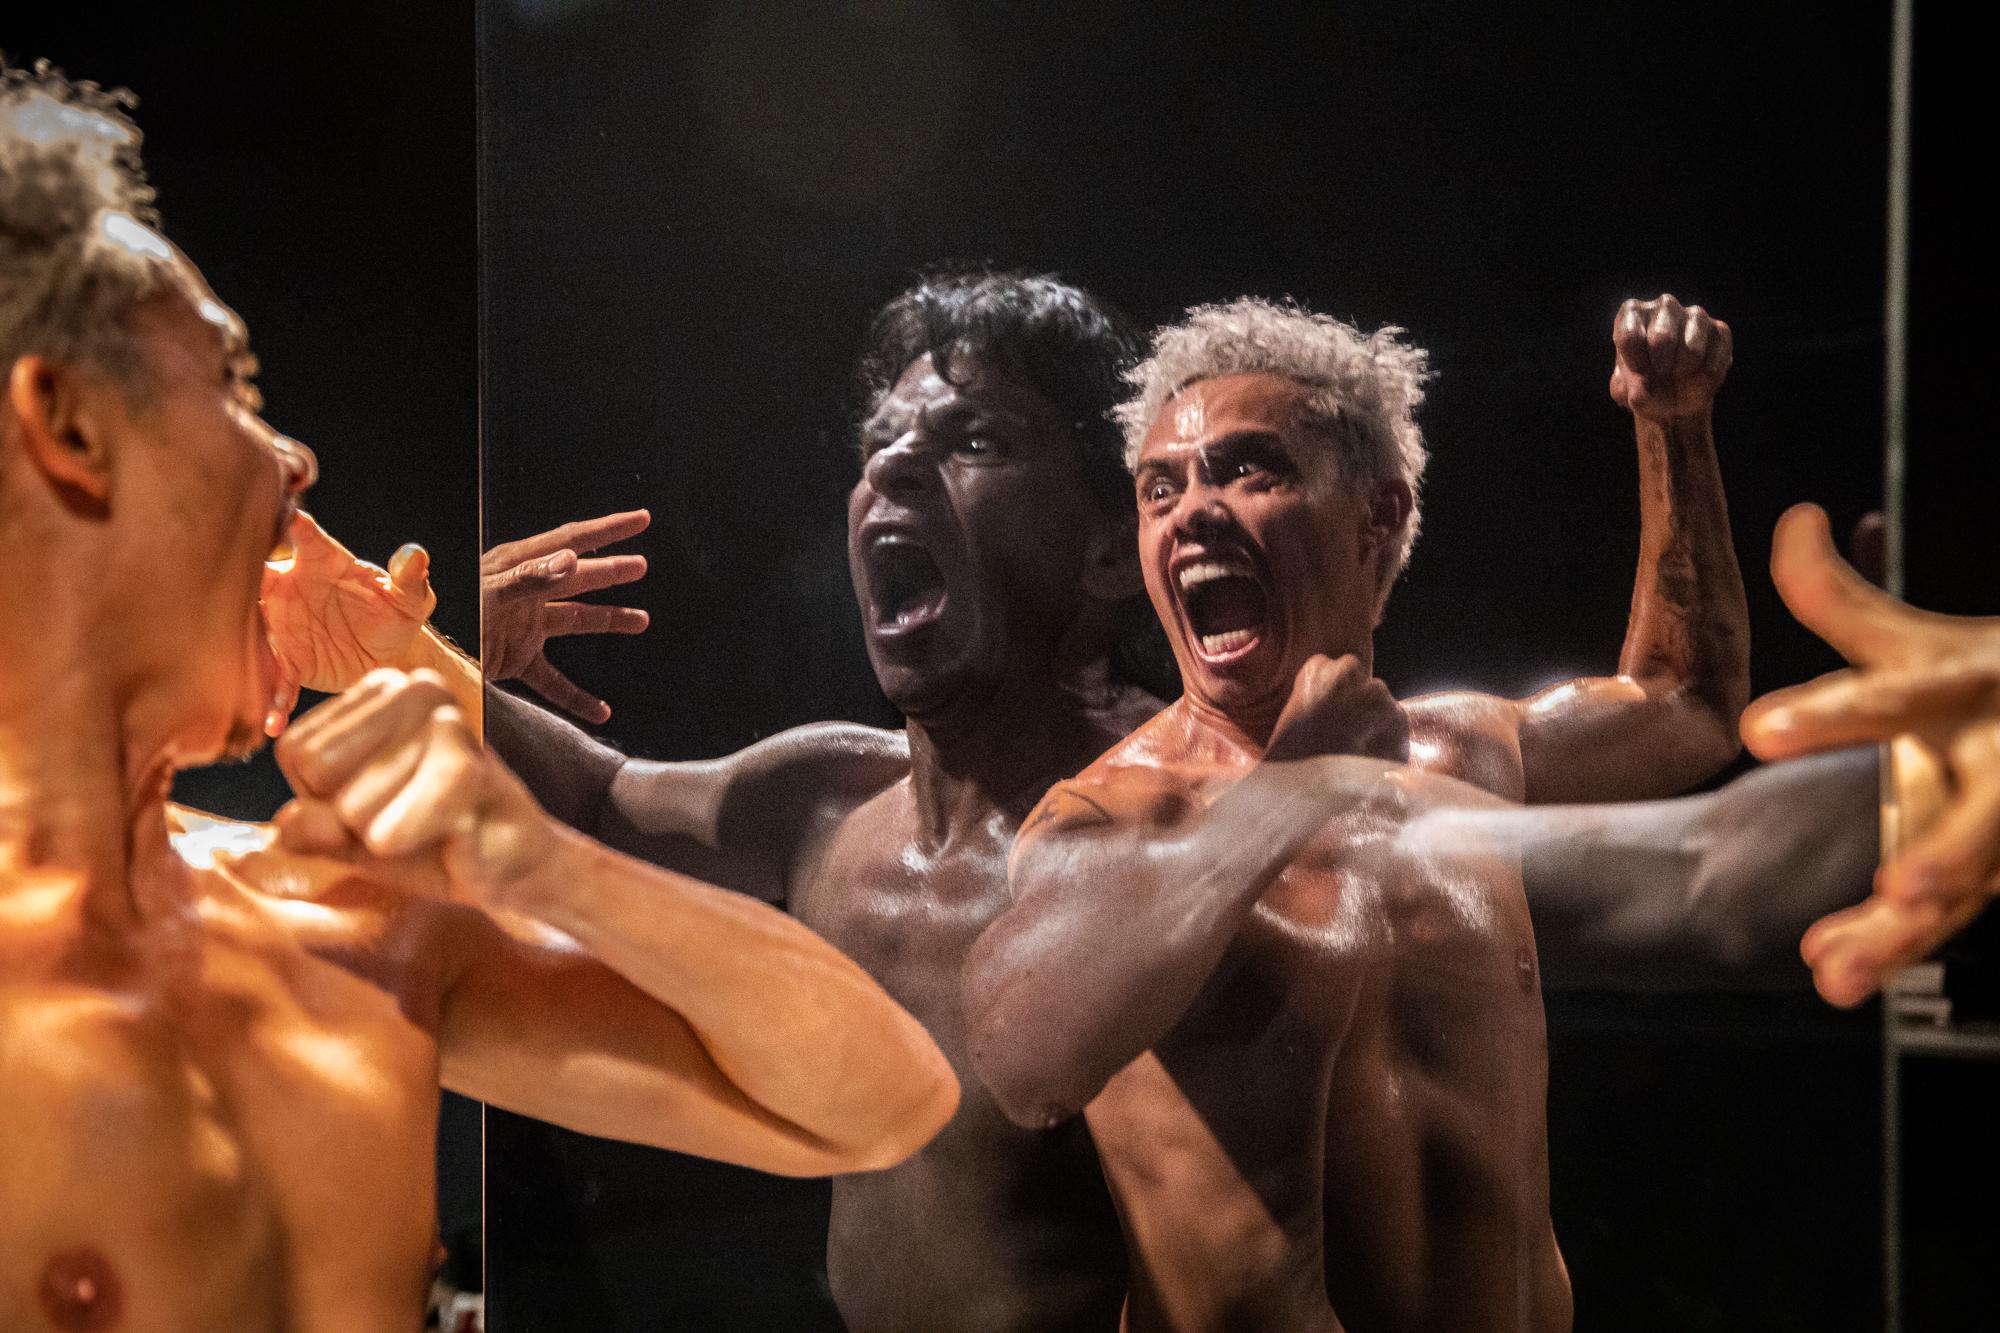 Dois atores, no palco, sem camisa fazem expressões como se estivessem gritando